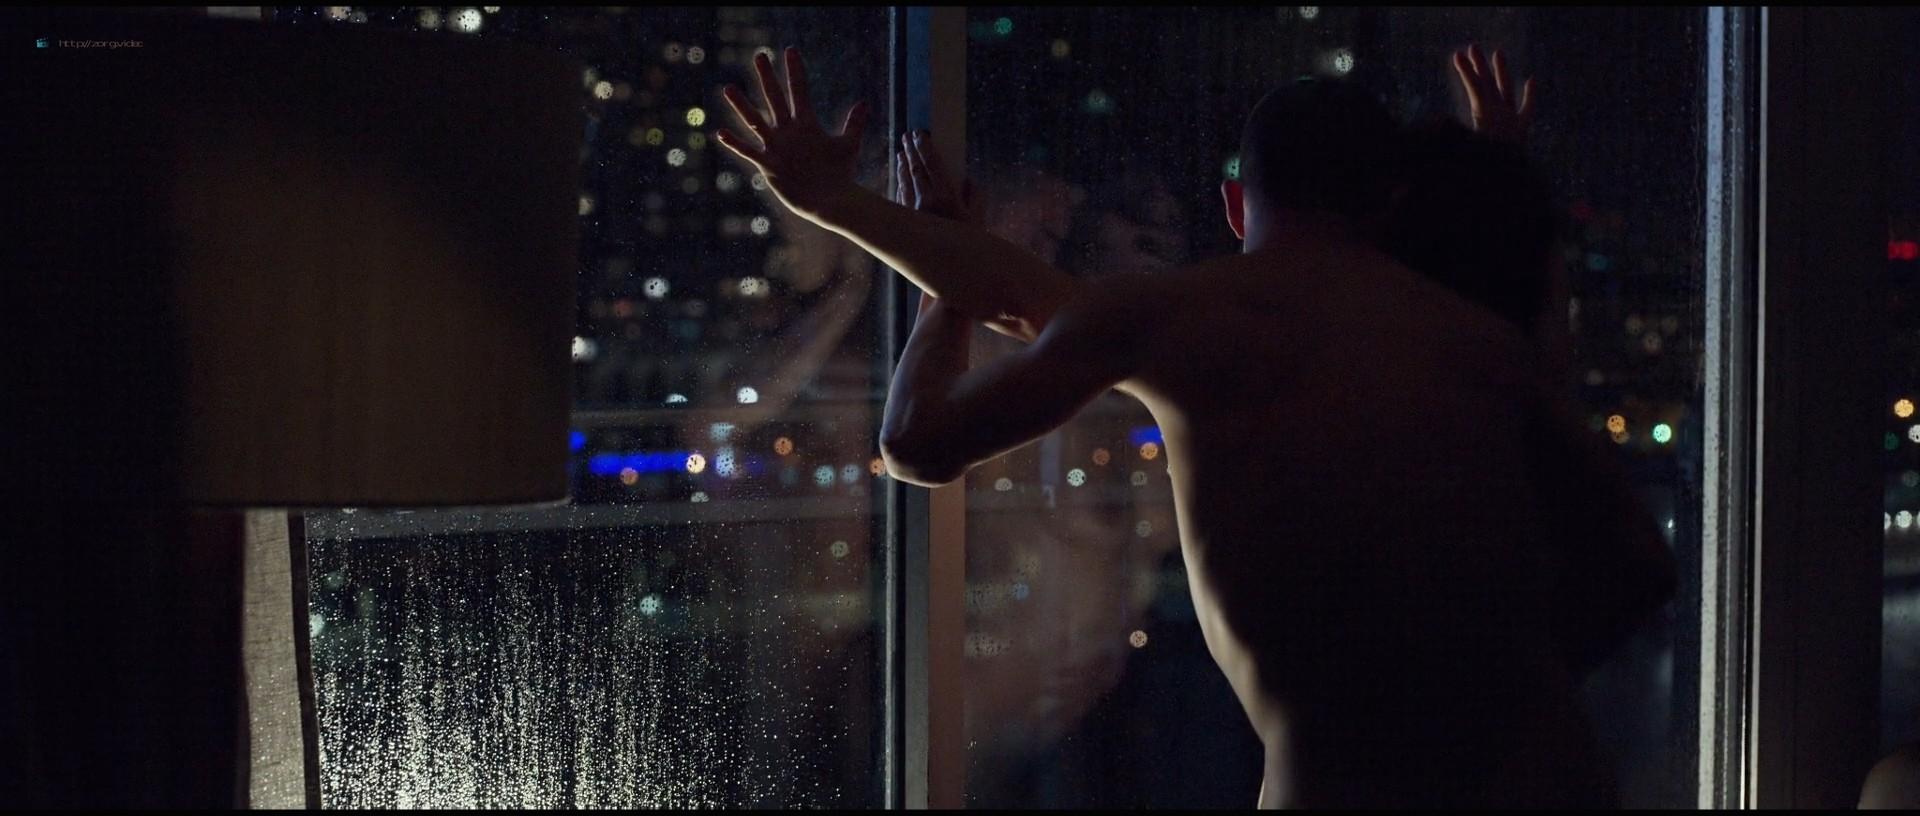 Juliette Binoche nude hot sex - Celle que vous croyez (FR-2019) 1080p BluRay (9)